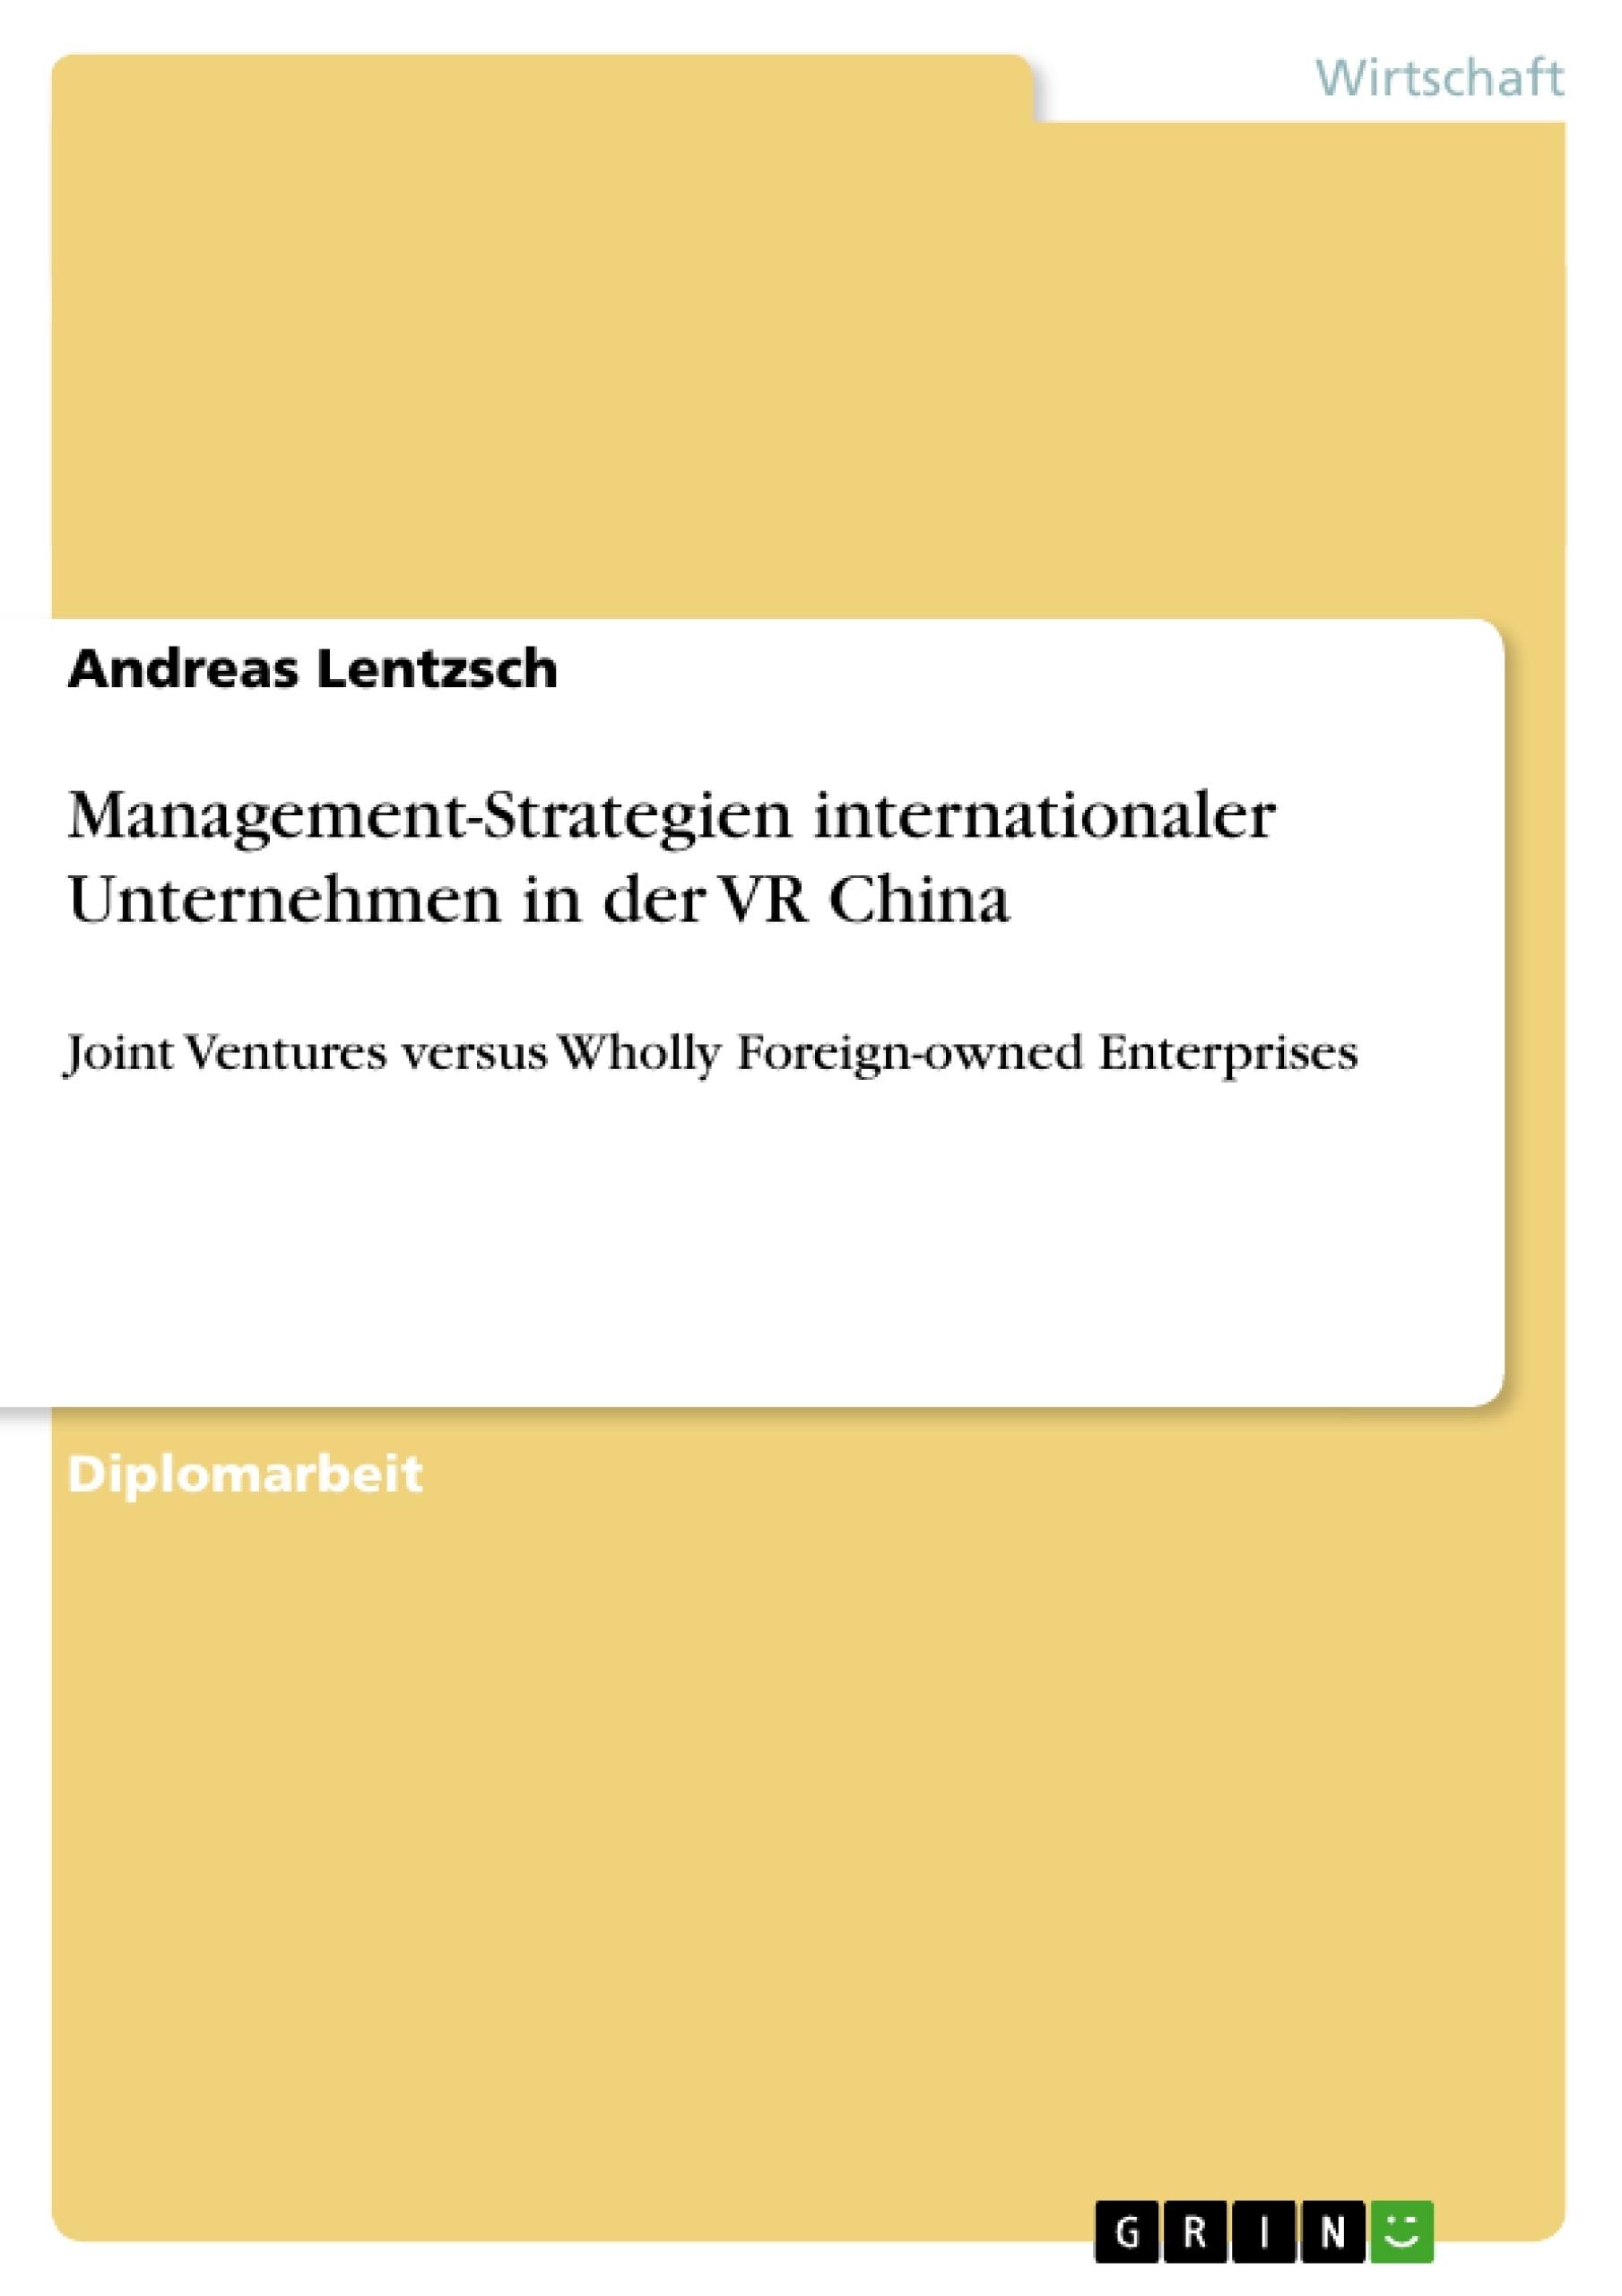 Titel: Management-Strategien internationaler Unternehmen in der VR China